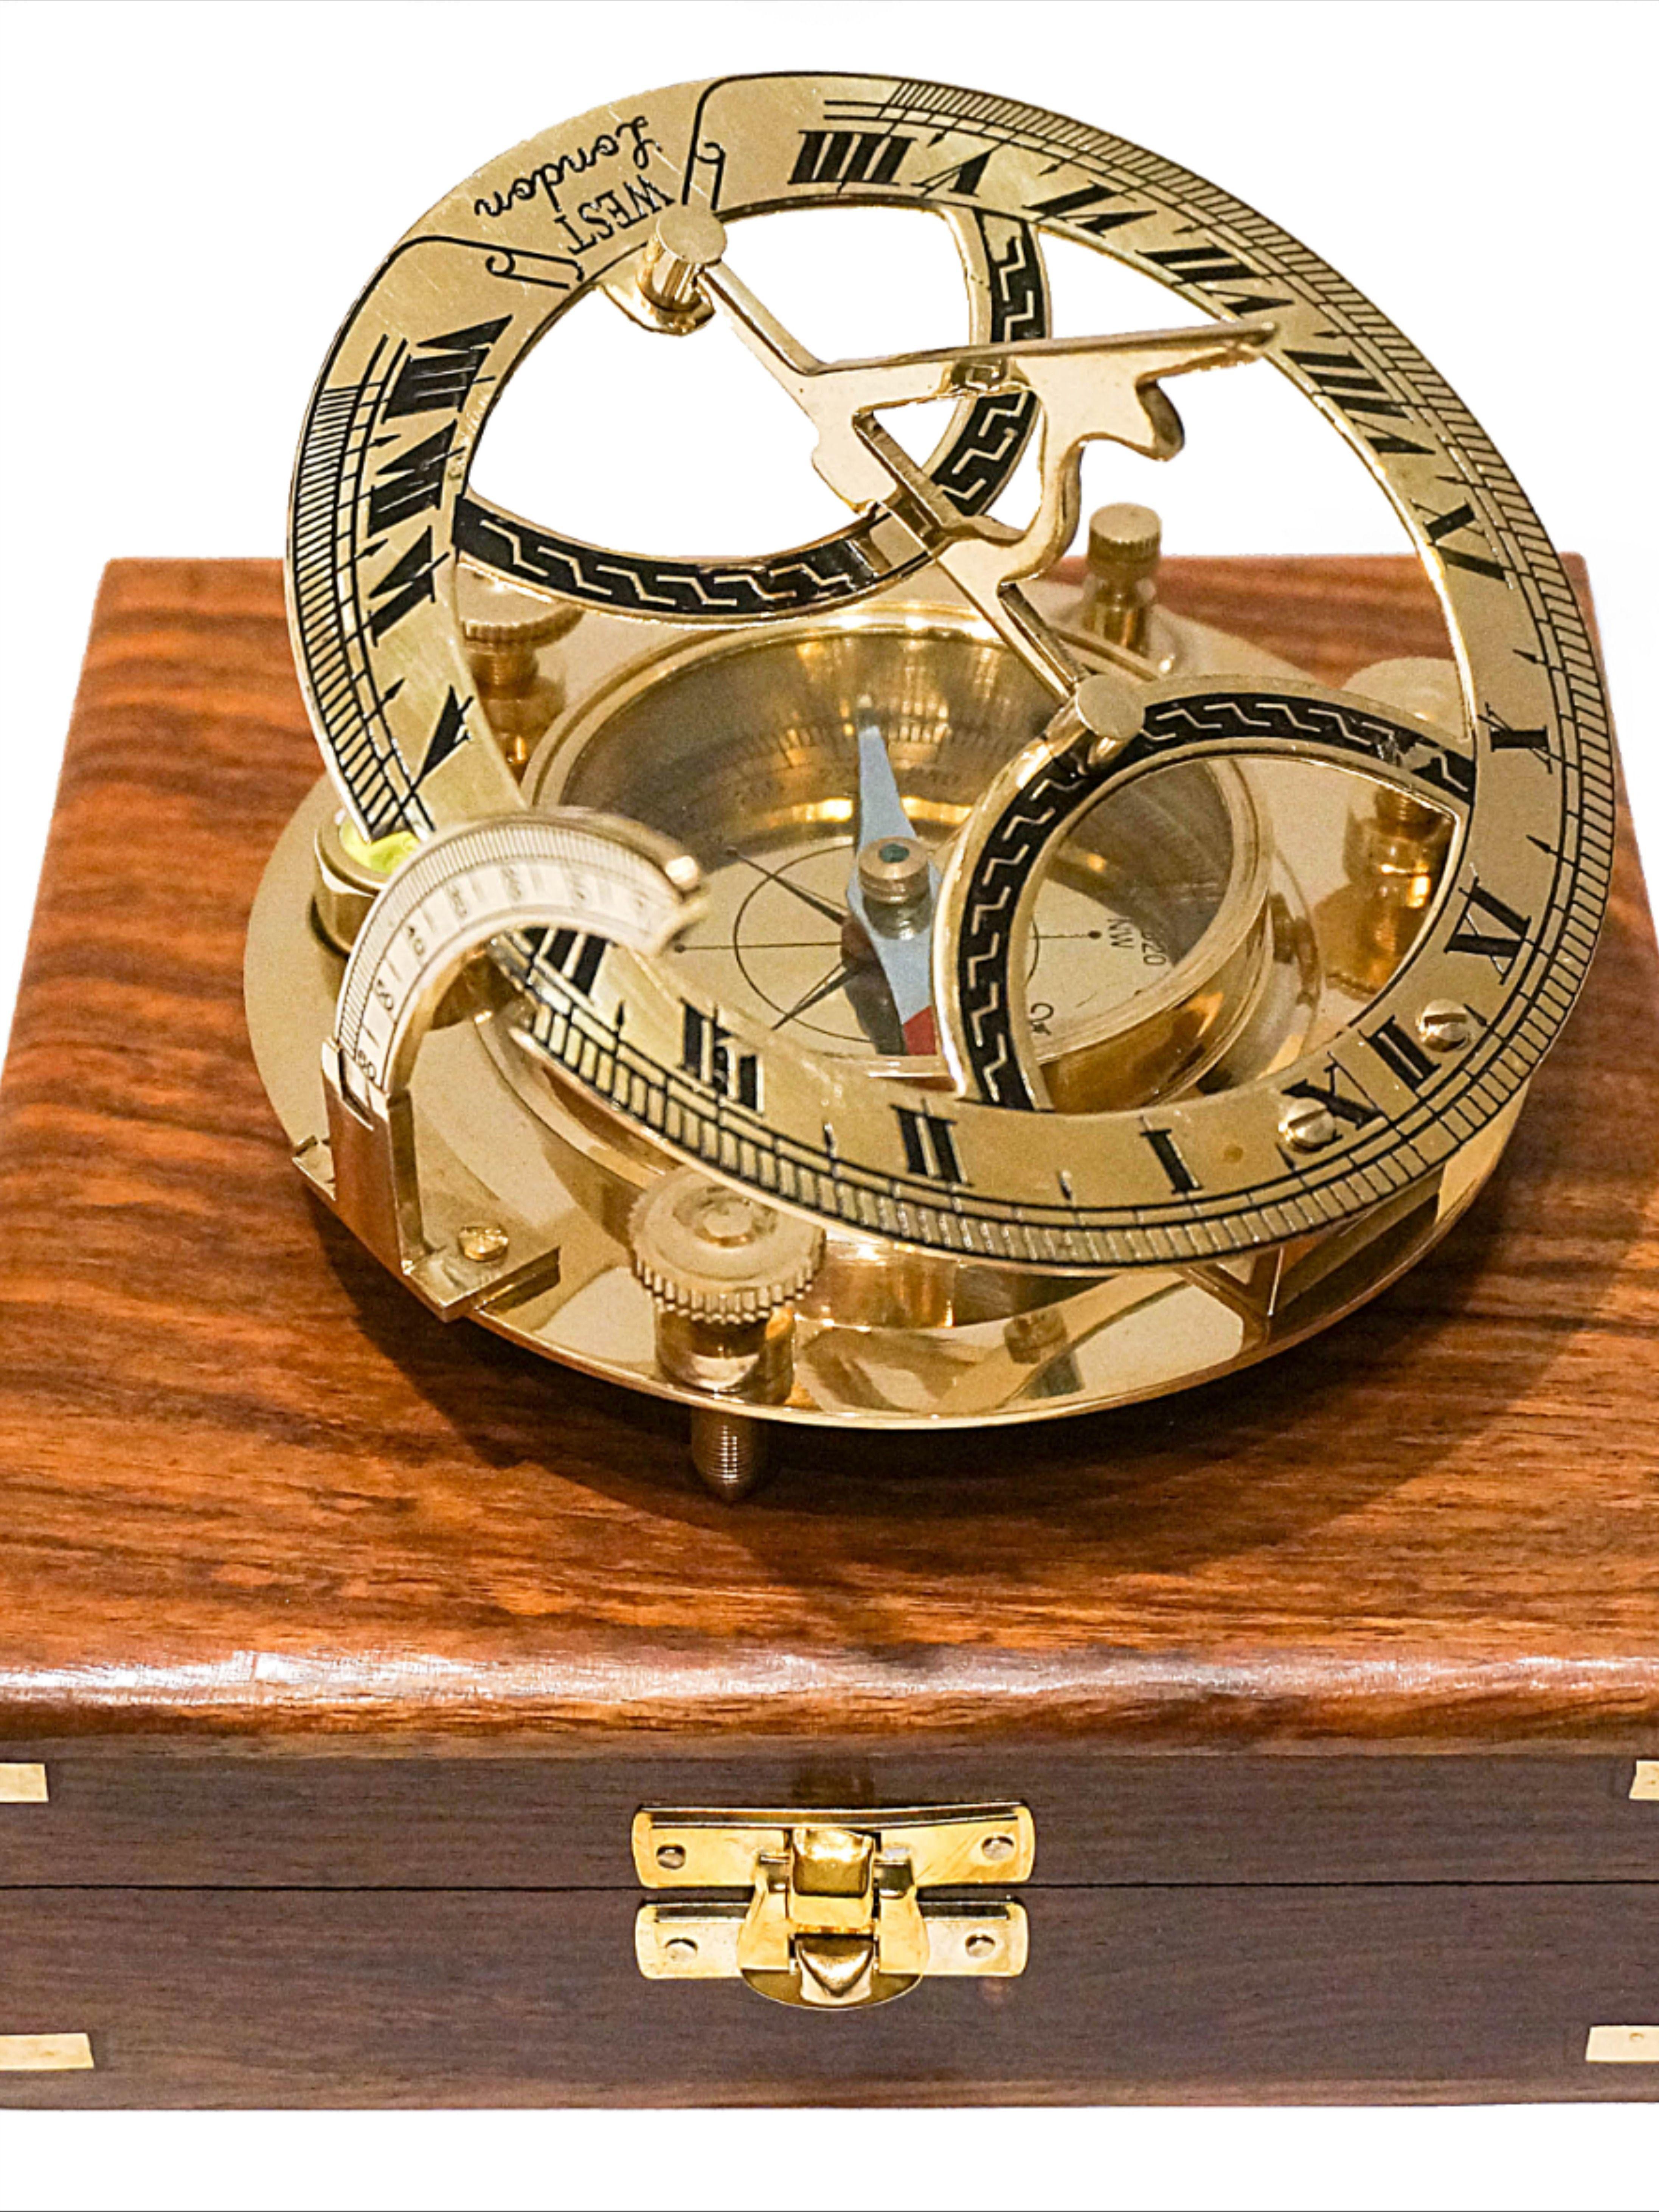 Mosiezny Zegar Sloneczny Inklinacyjny Z Kompasem W Stylowym Marynistycznym Pudelku Z Drewna Rolex Watches Accessories Rolex